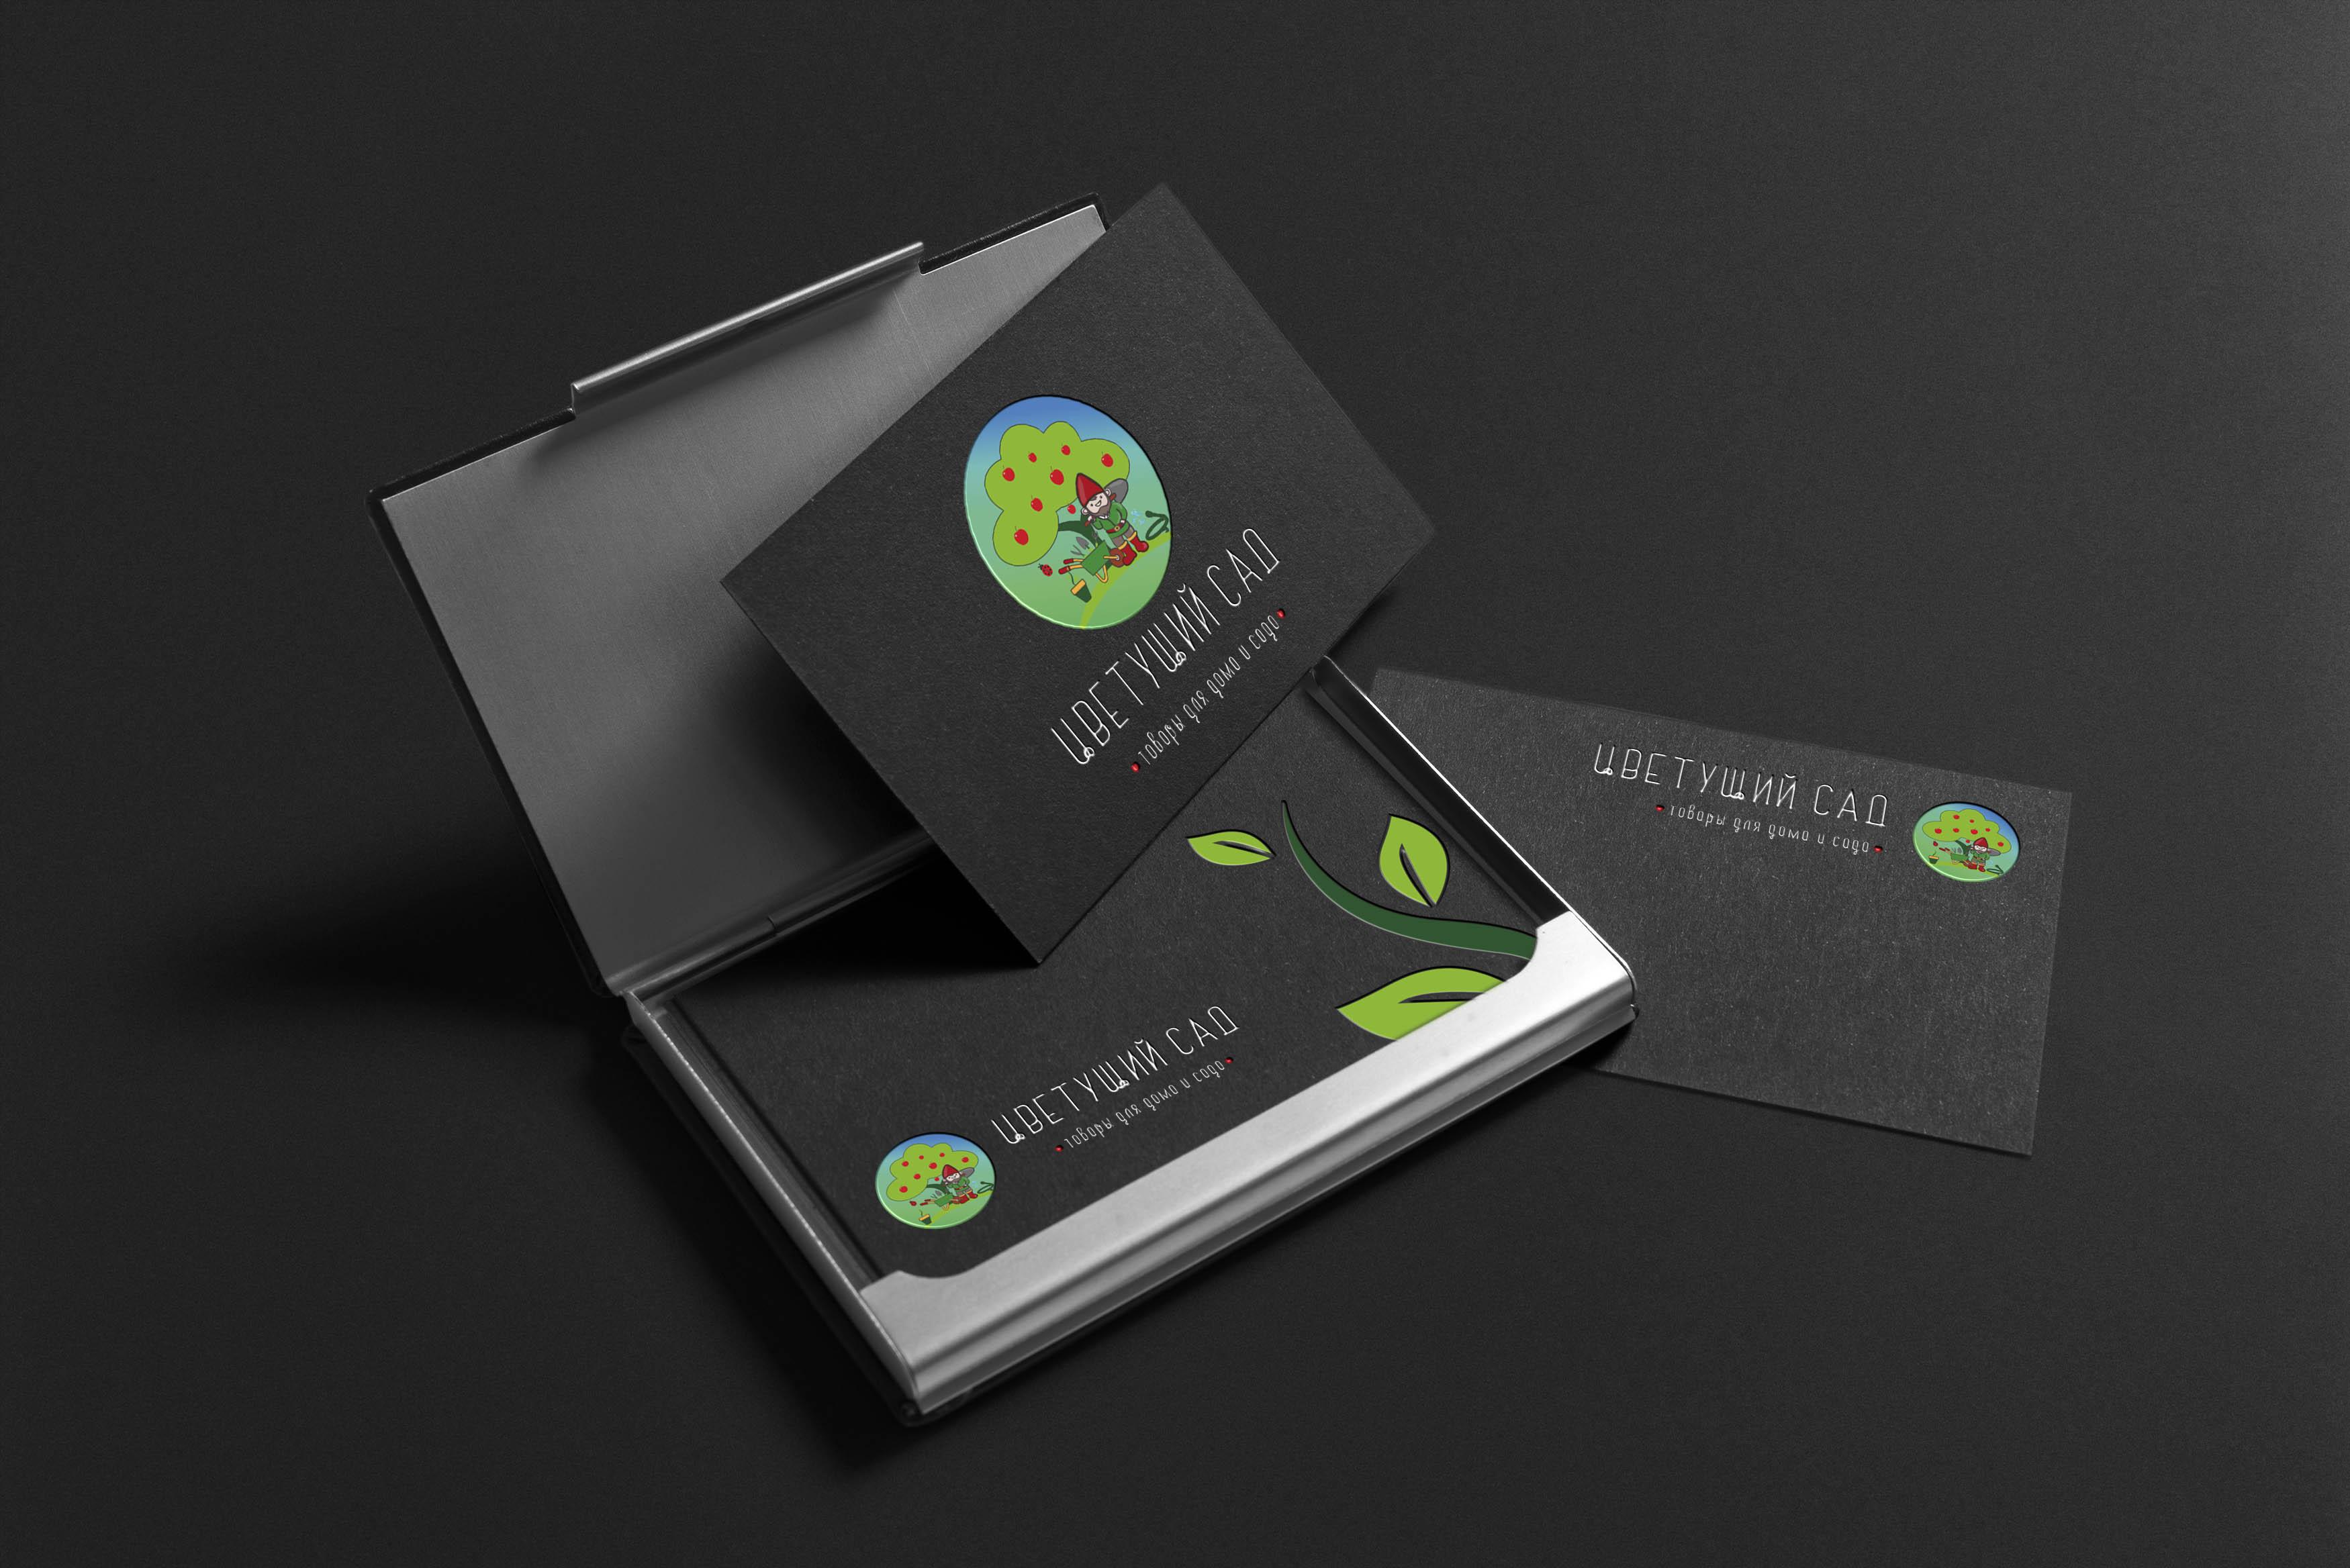 """Логотип для компании """"Цветущий сад"""" фото f_6785b714536863a2.jpg"""